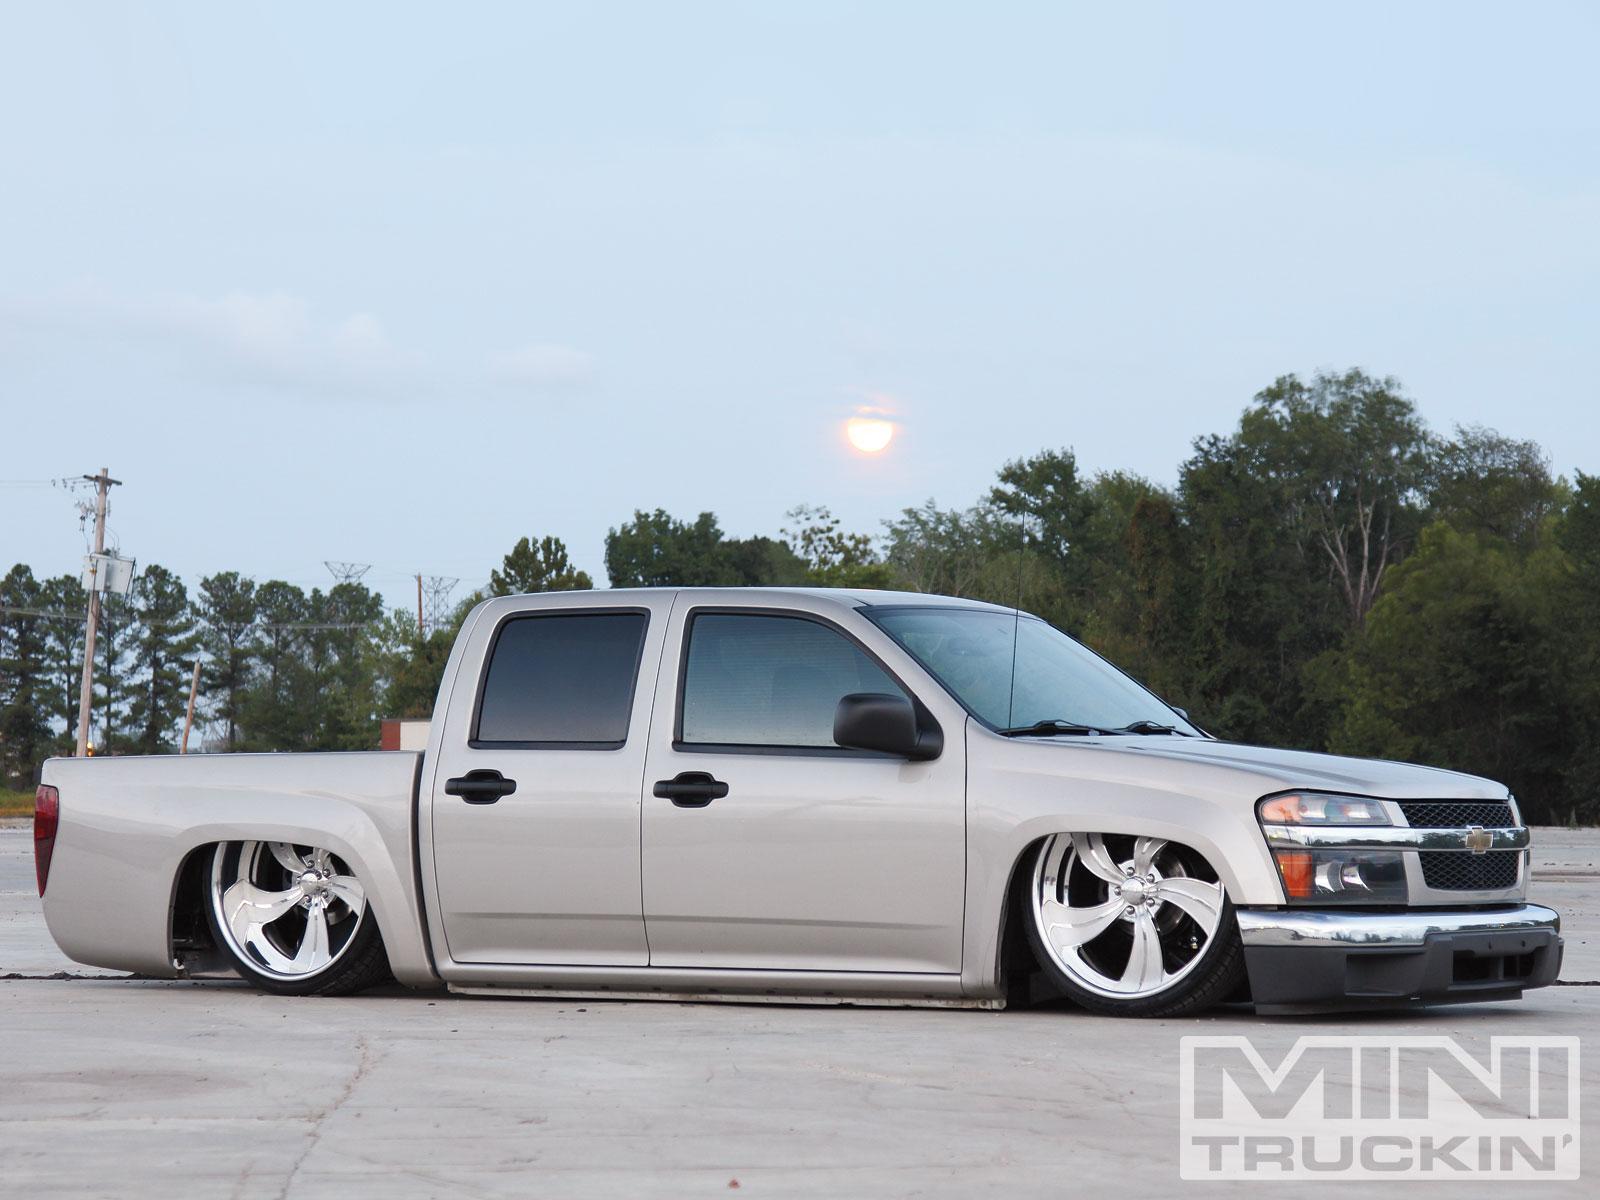 2014 Chevrolet Colorado - Sneak Peek - Mini Truckin' Magazine